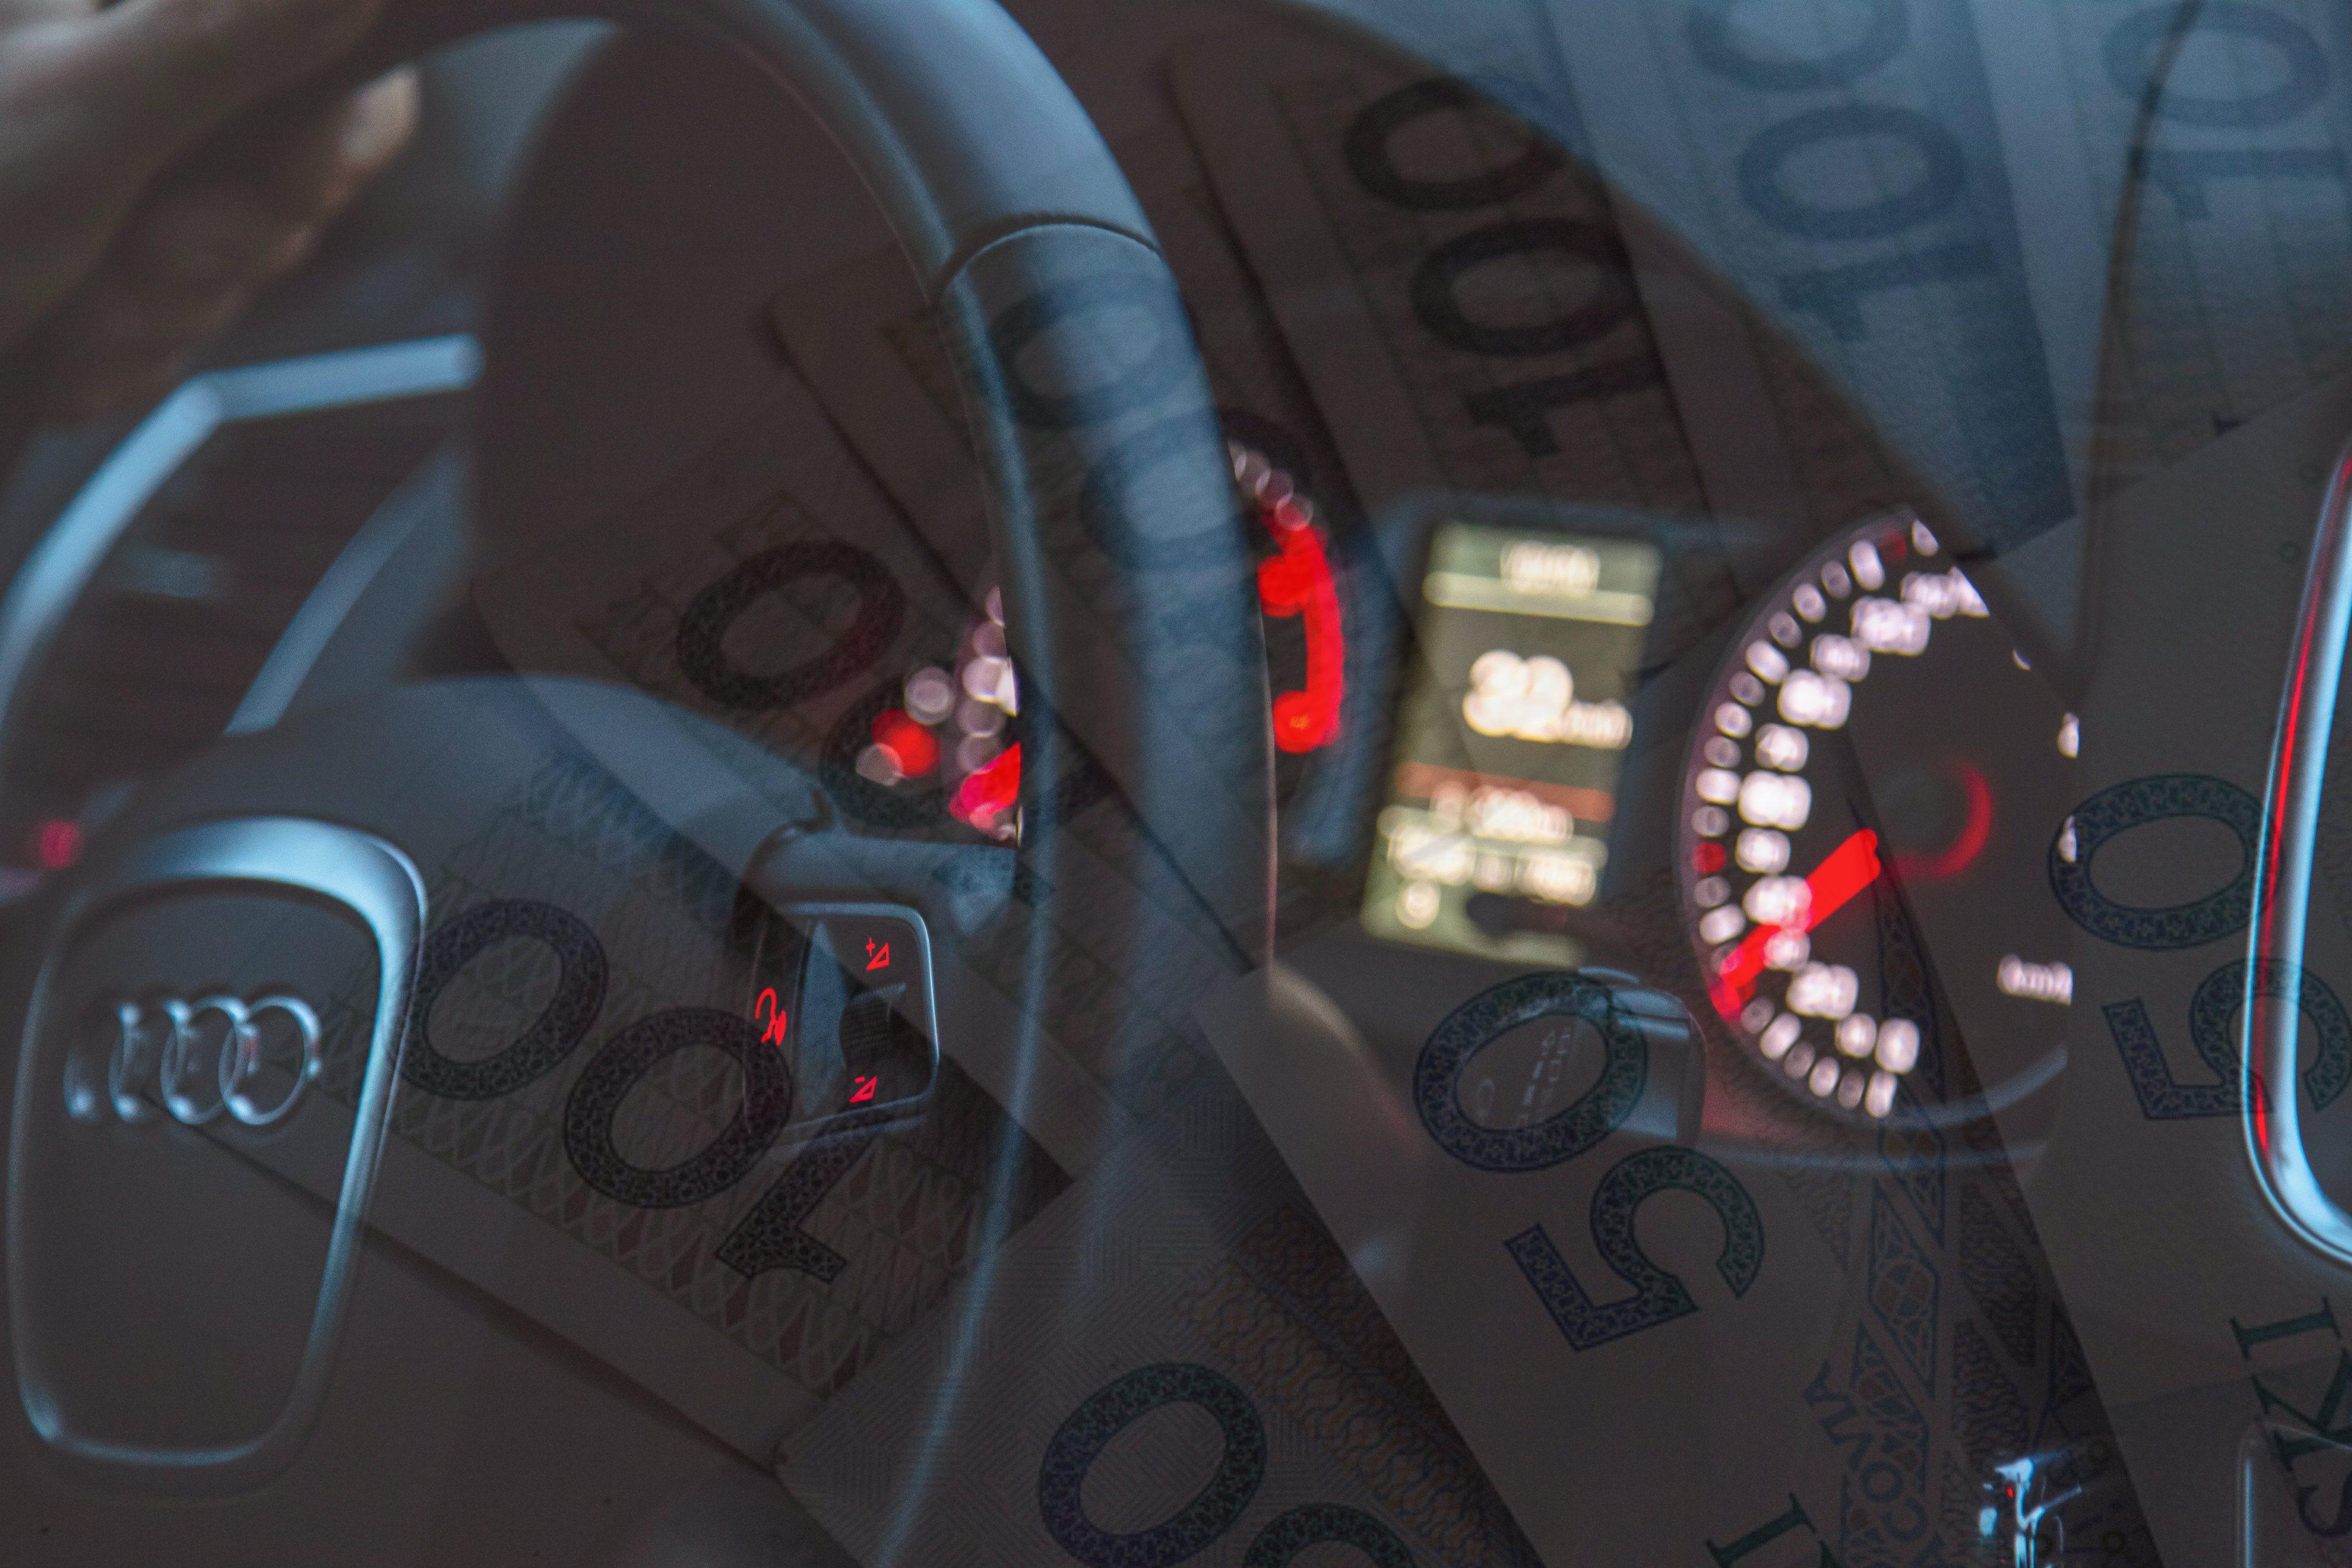 Kierowcy się wściekną. PiS sięgnie po pieniądze z ich kieszeni